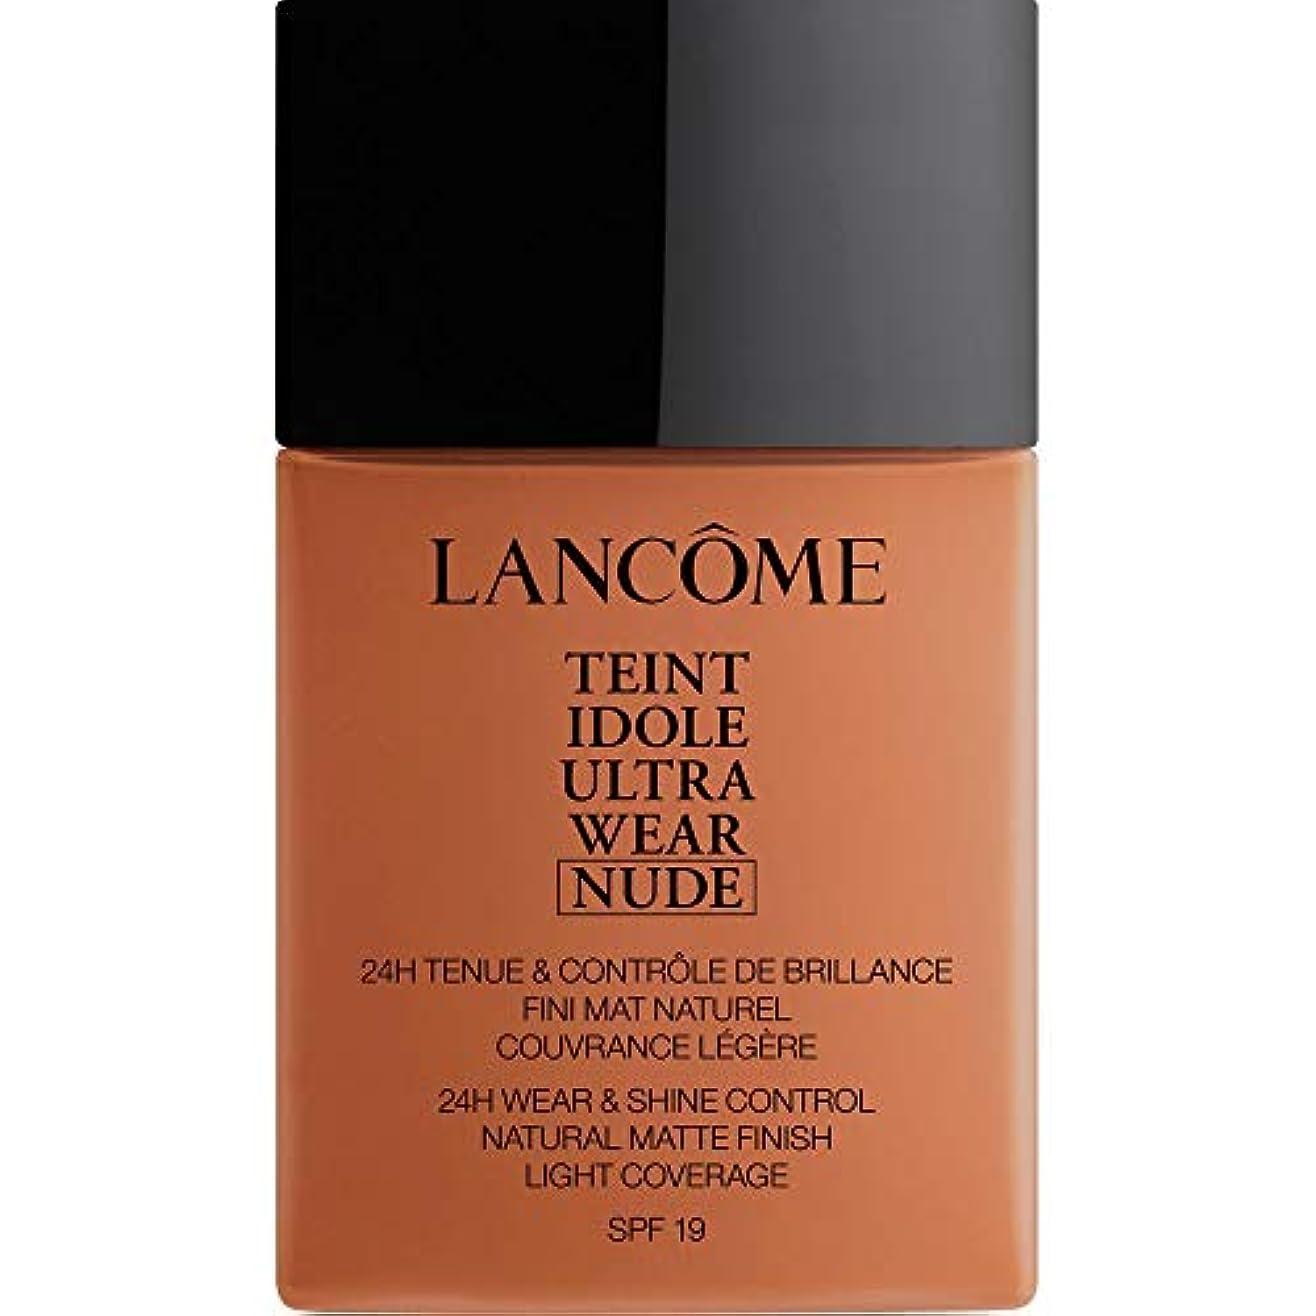 あいまいな狂った代替案[Lanc?me ] アカジュー - ランコムTeintのIdoleは、超ヌード基礎Spf19の40ミリリットル10.1を着用します - Lancome Teint Idole Ultra Wear Nude Foundation...